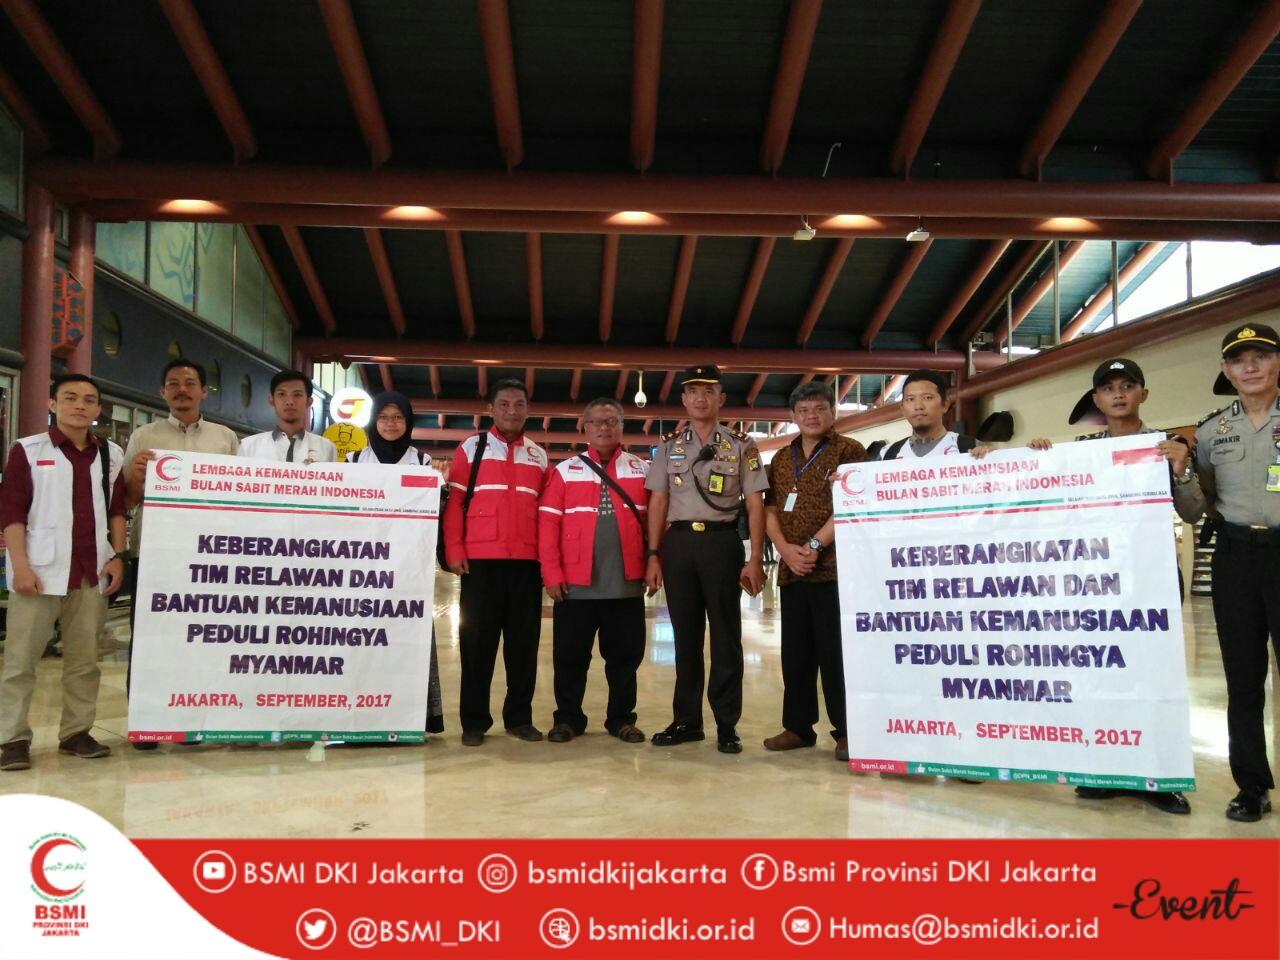 Keberangkatan tim relawan dan bantuan kemanusiaan peduli rohingya myanmar